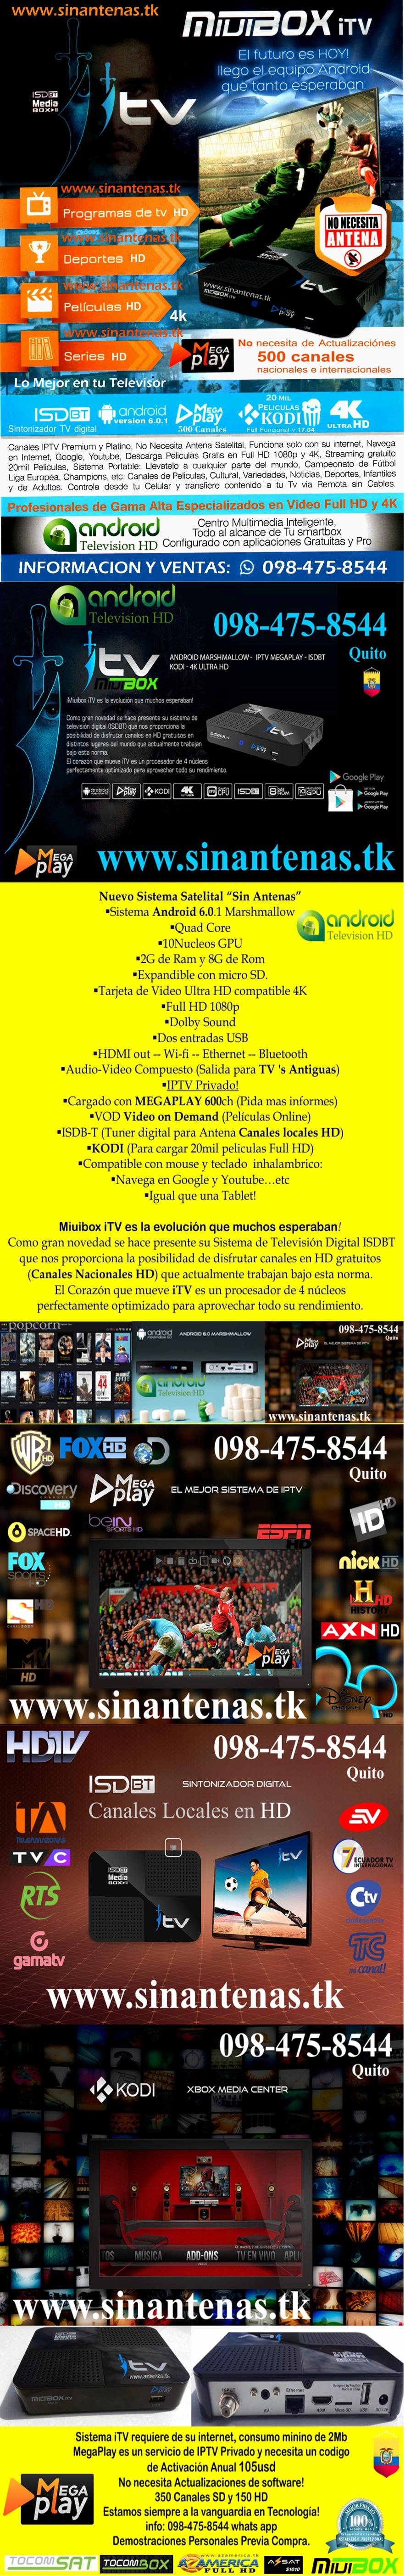 www.sinantenas.tk